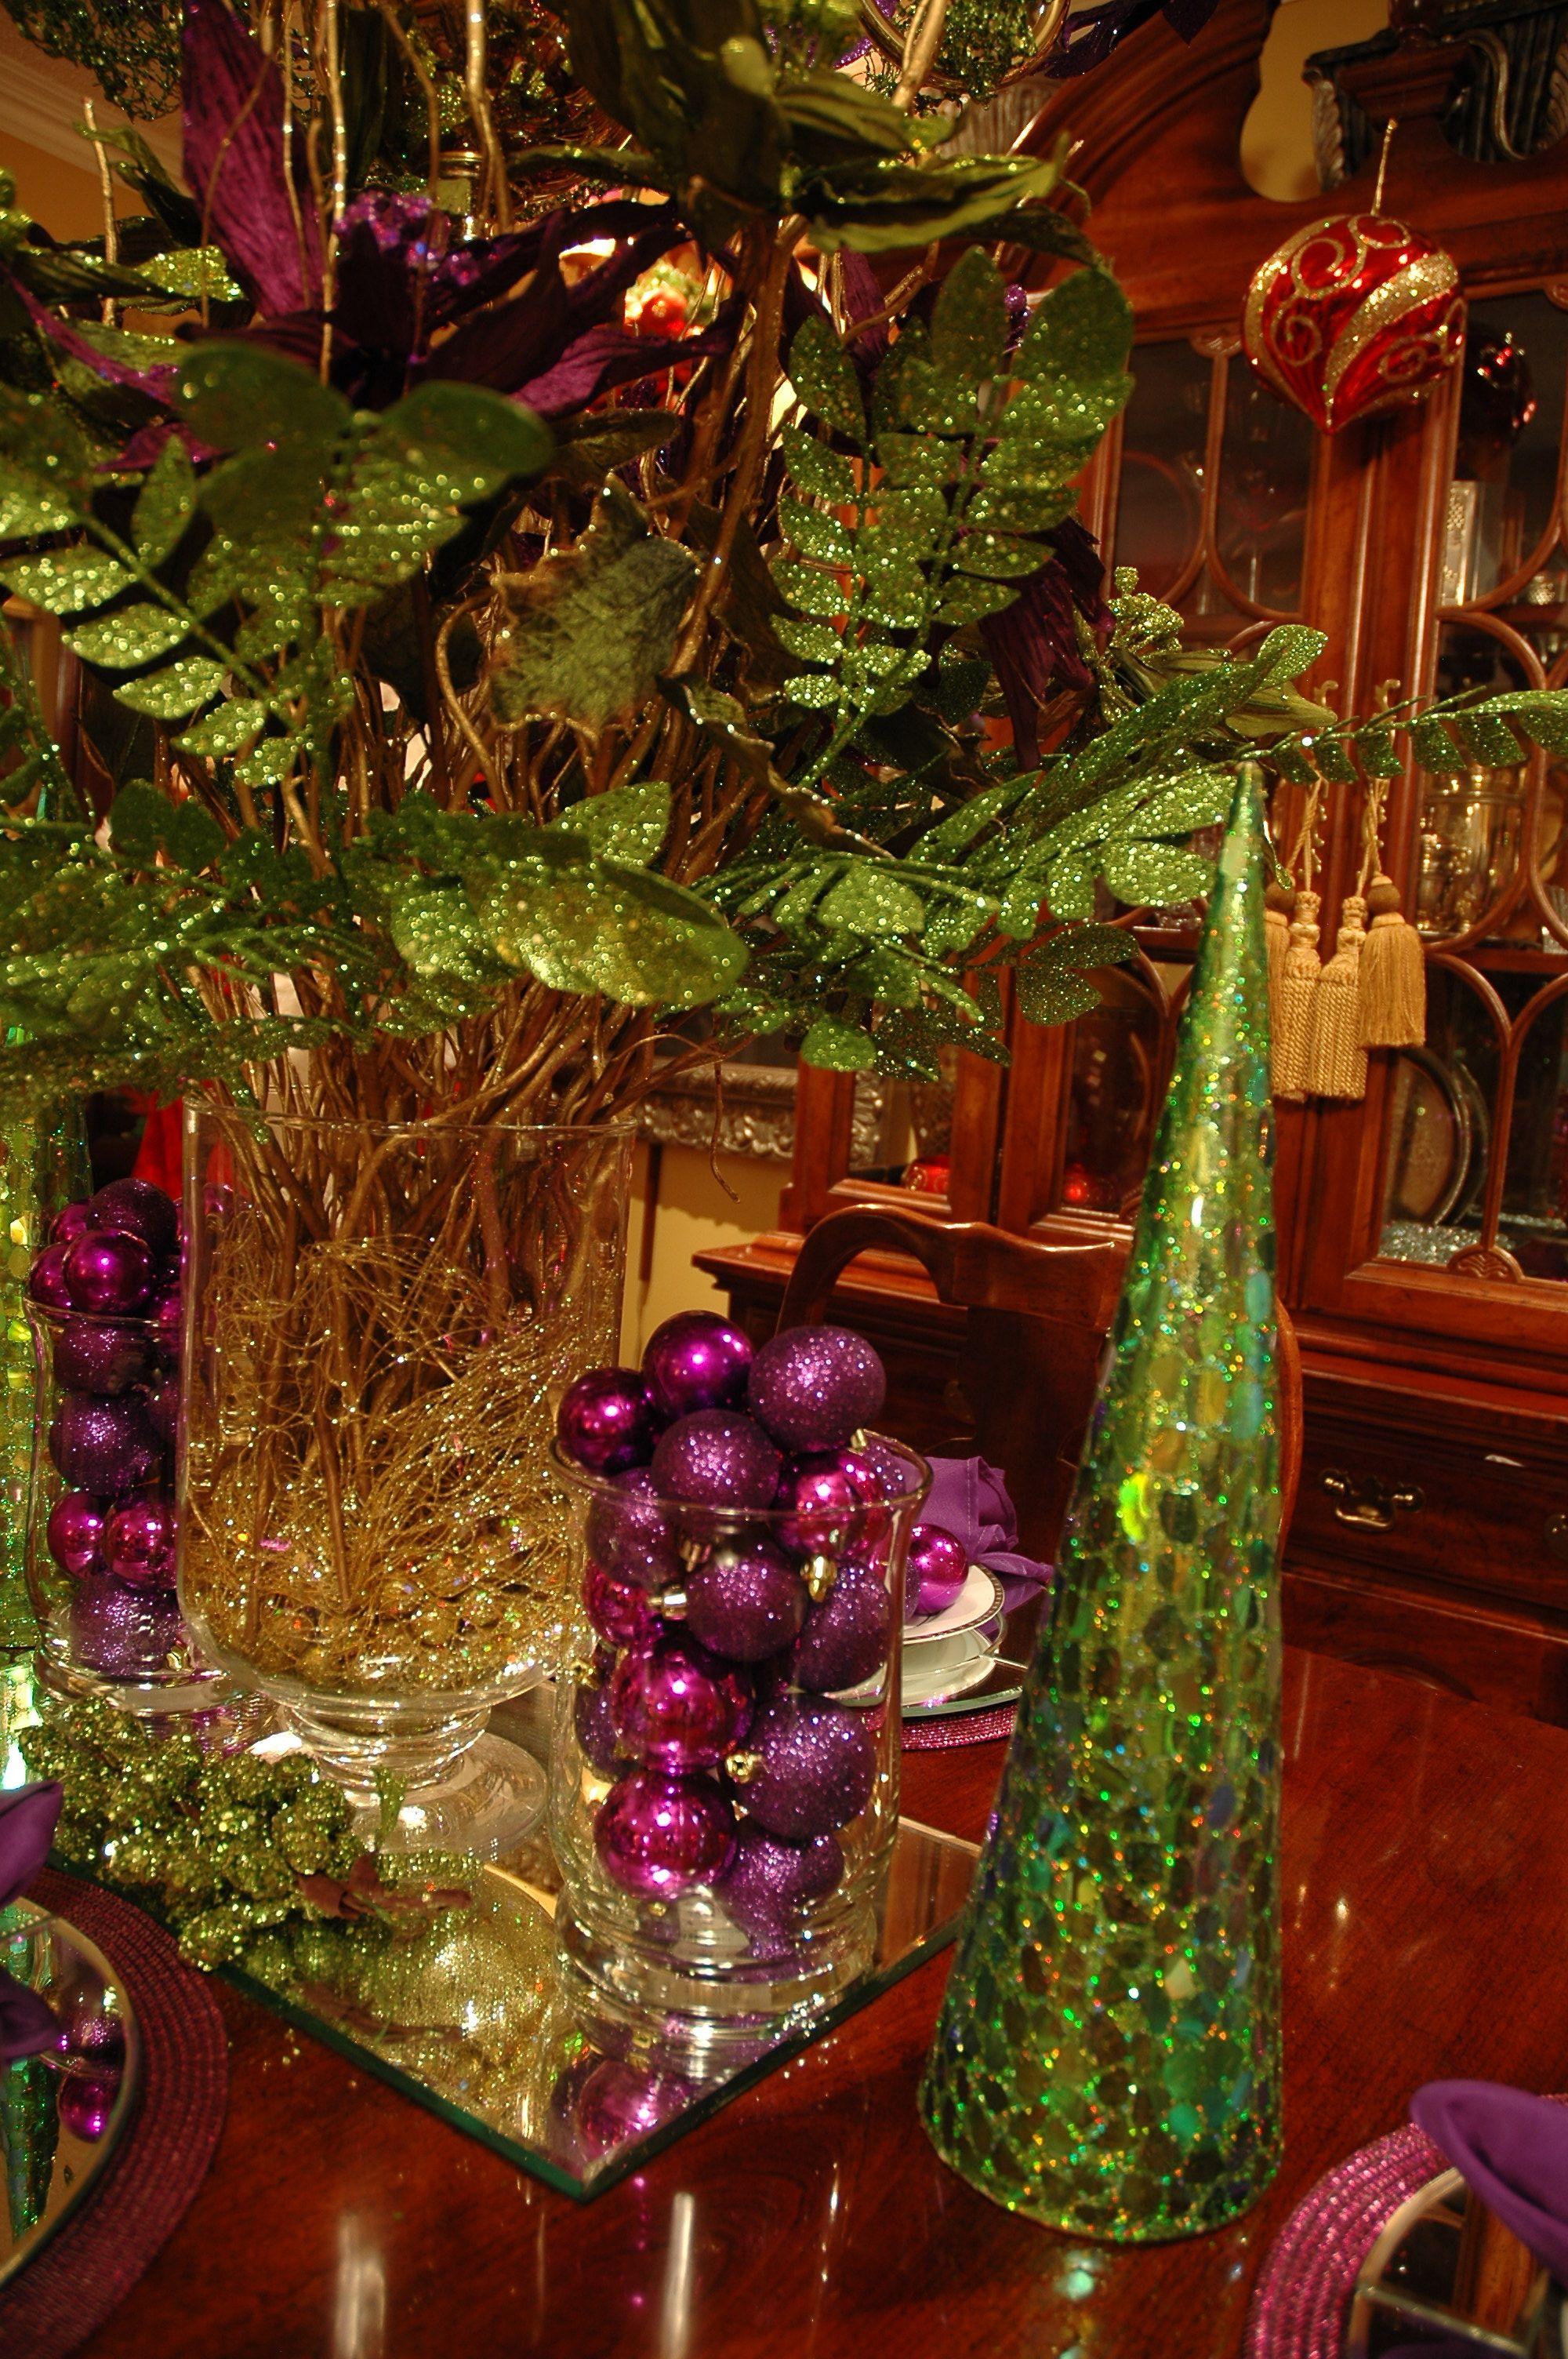 Boho Table Christmas Display Dining Table Christmas Table Decorations Purple Christmas Decorations Christmas Table Settings